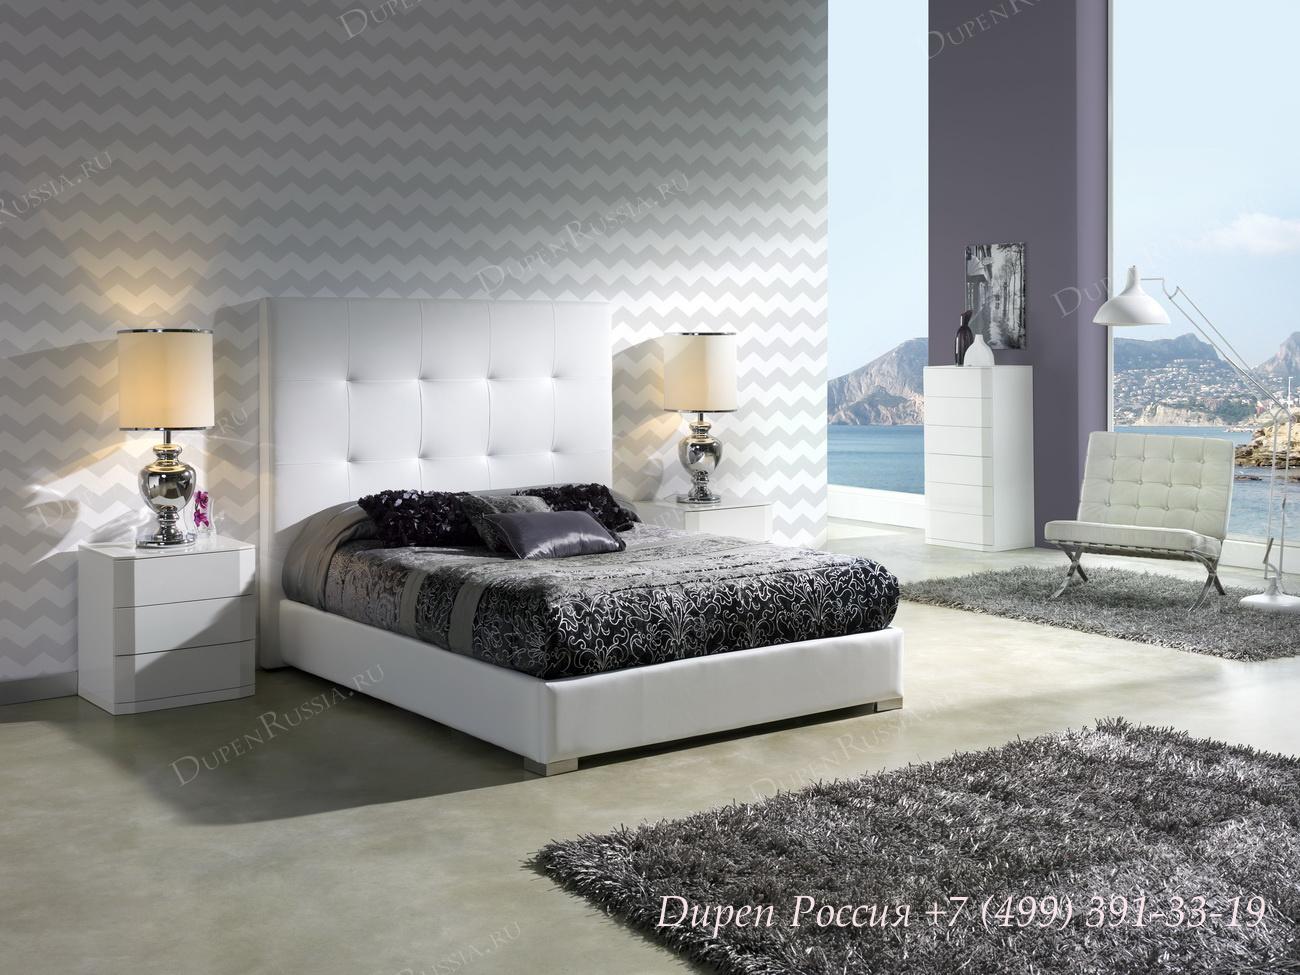 Кровать 638 Patricia, тумба DUPEN M-112, комод DUPEN S-102